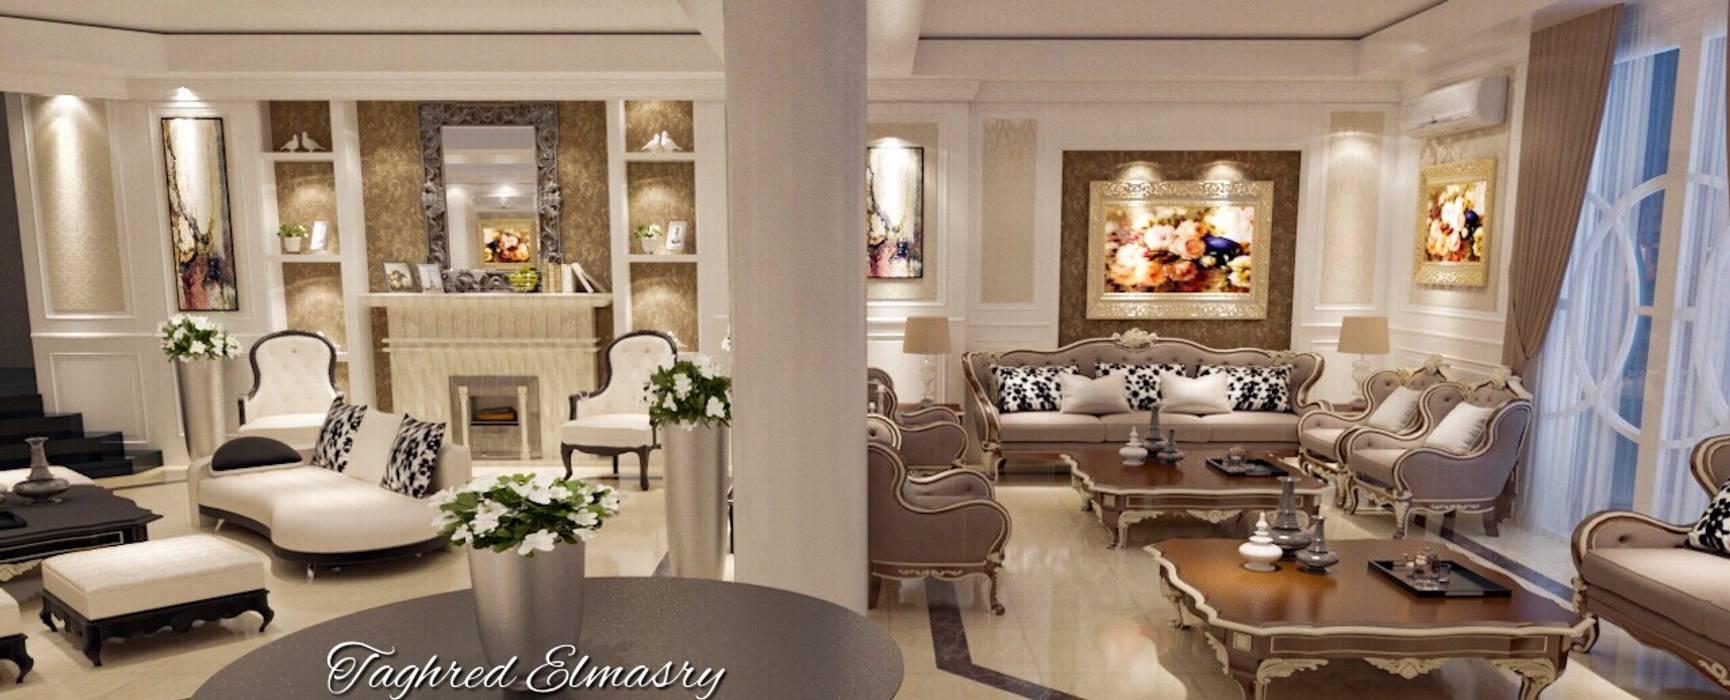 غرفة استقبال:  غرفة المعيشة تنفيذ Taghred elmasry,